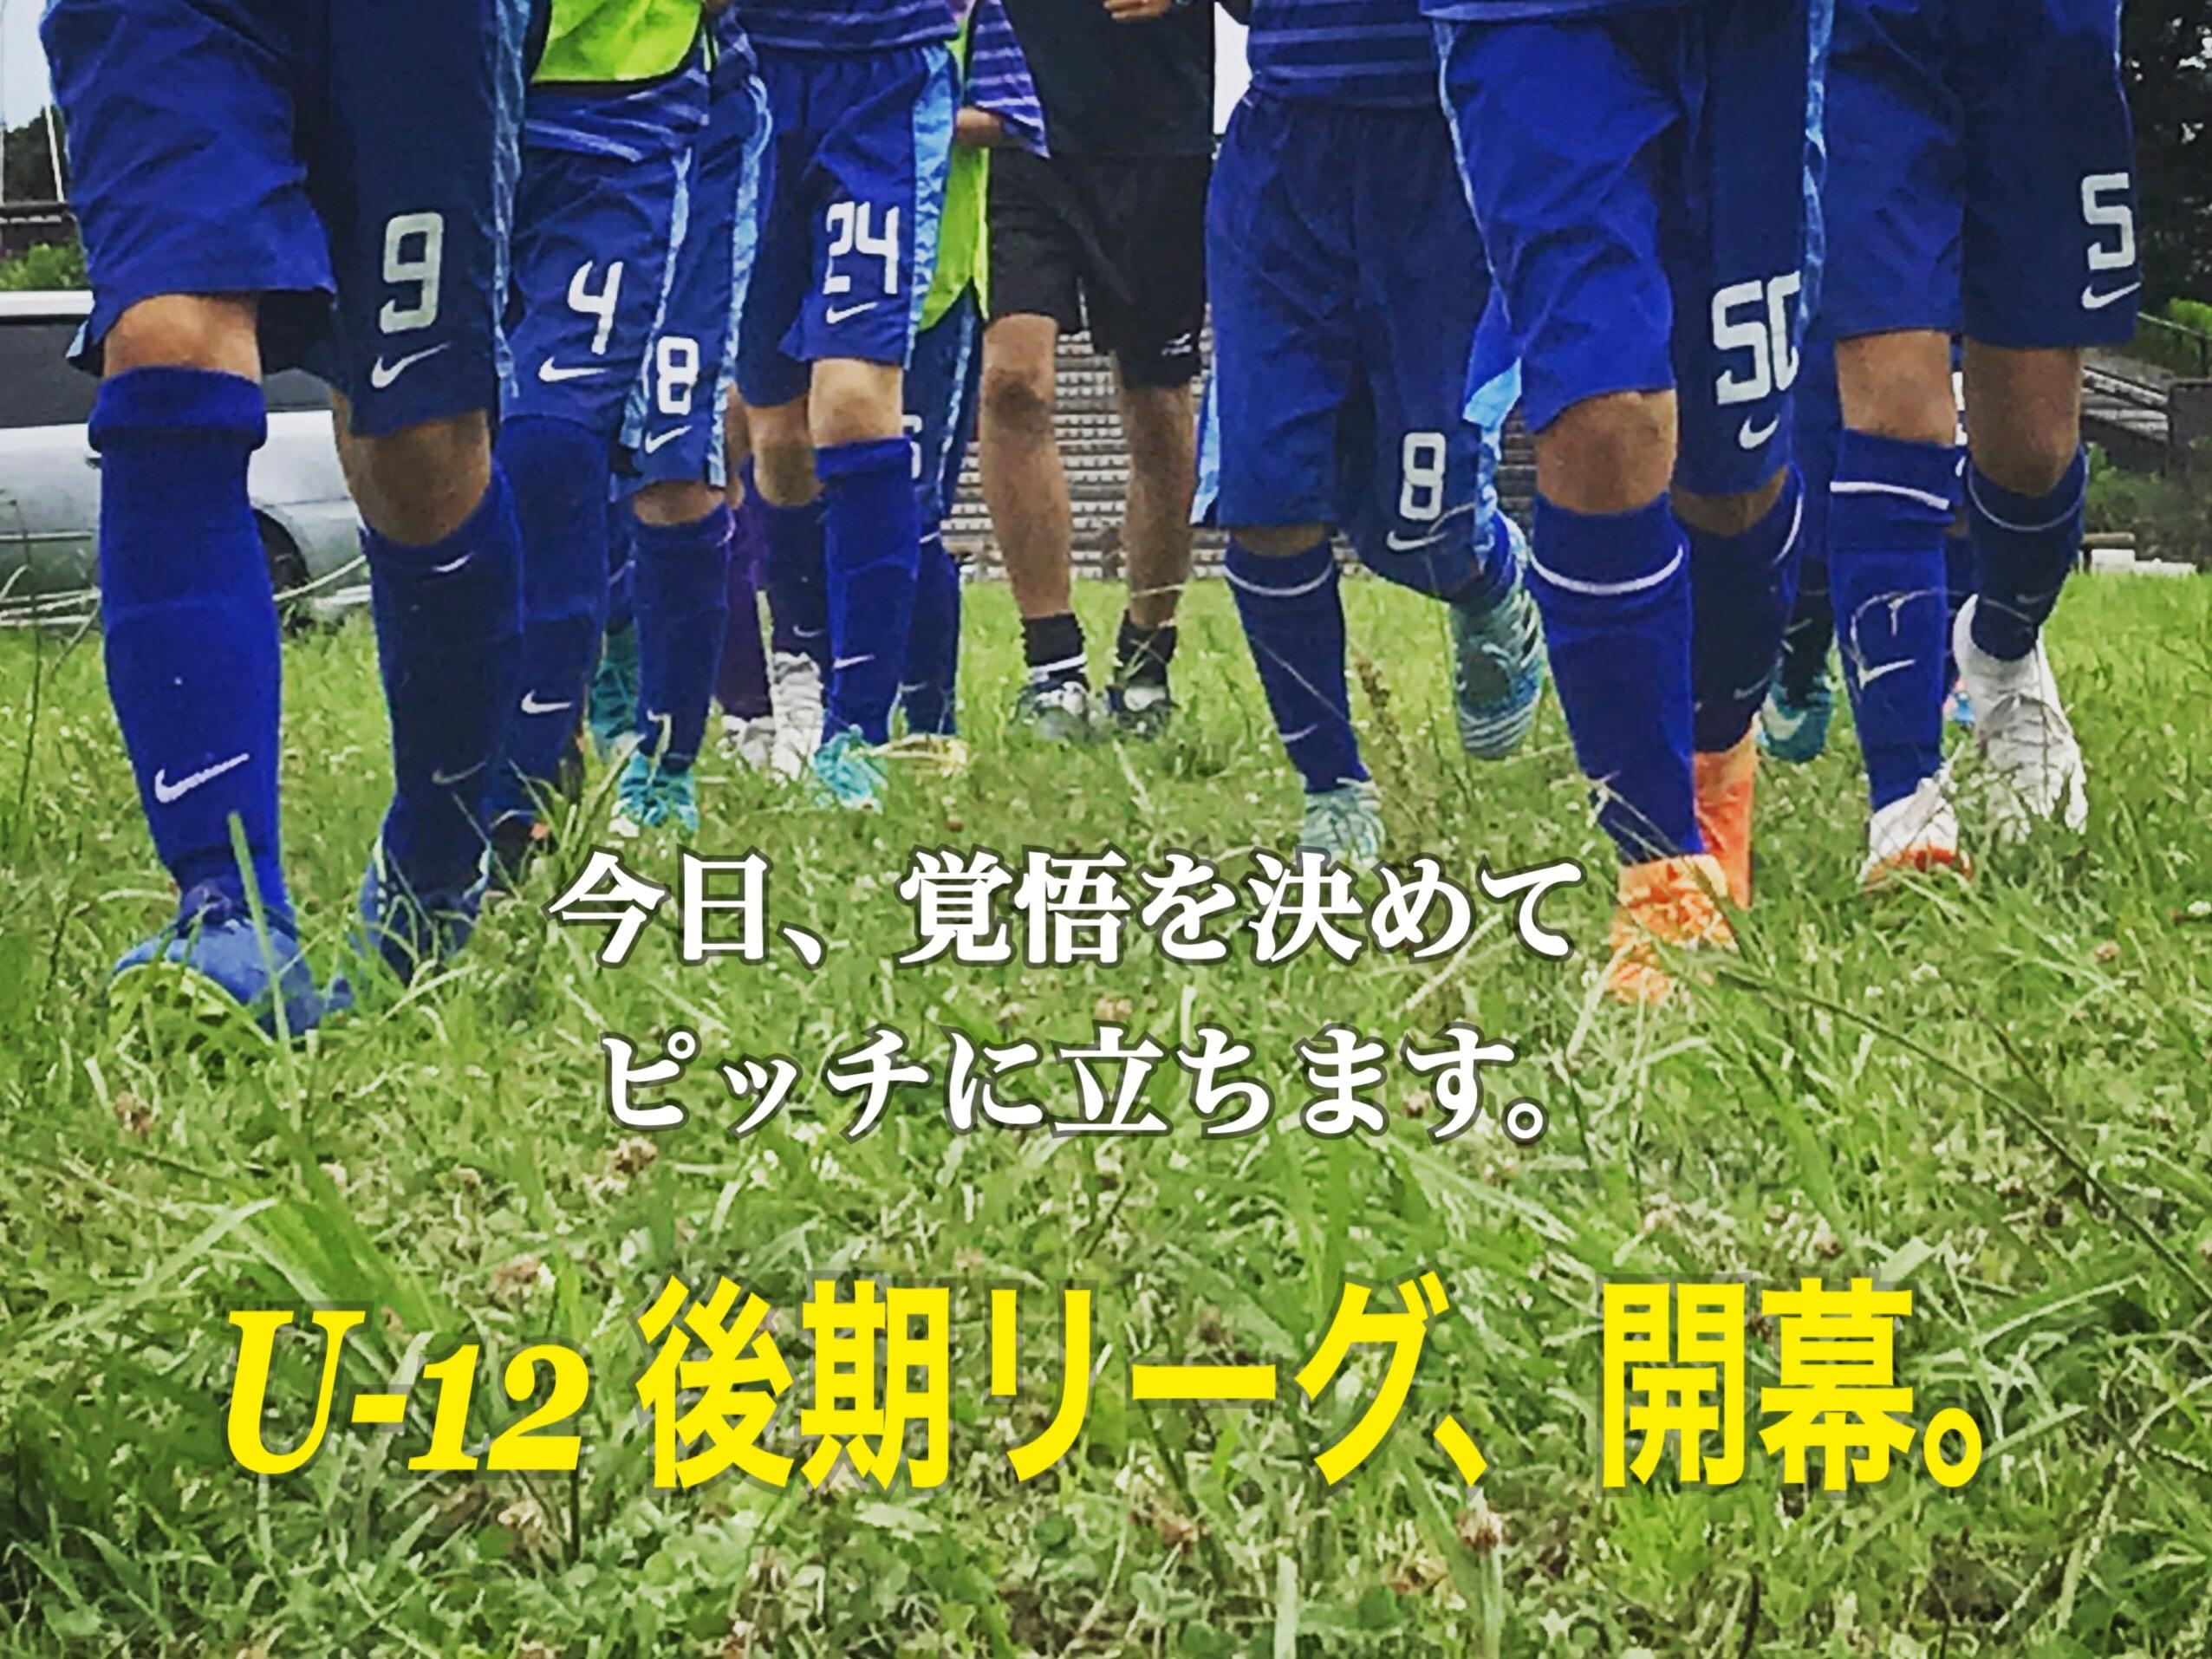 7/8(日) U-12後期リーグ 第1、2節